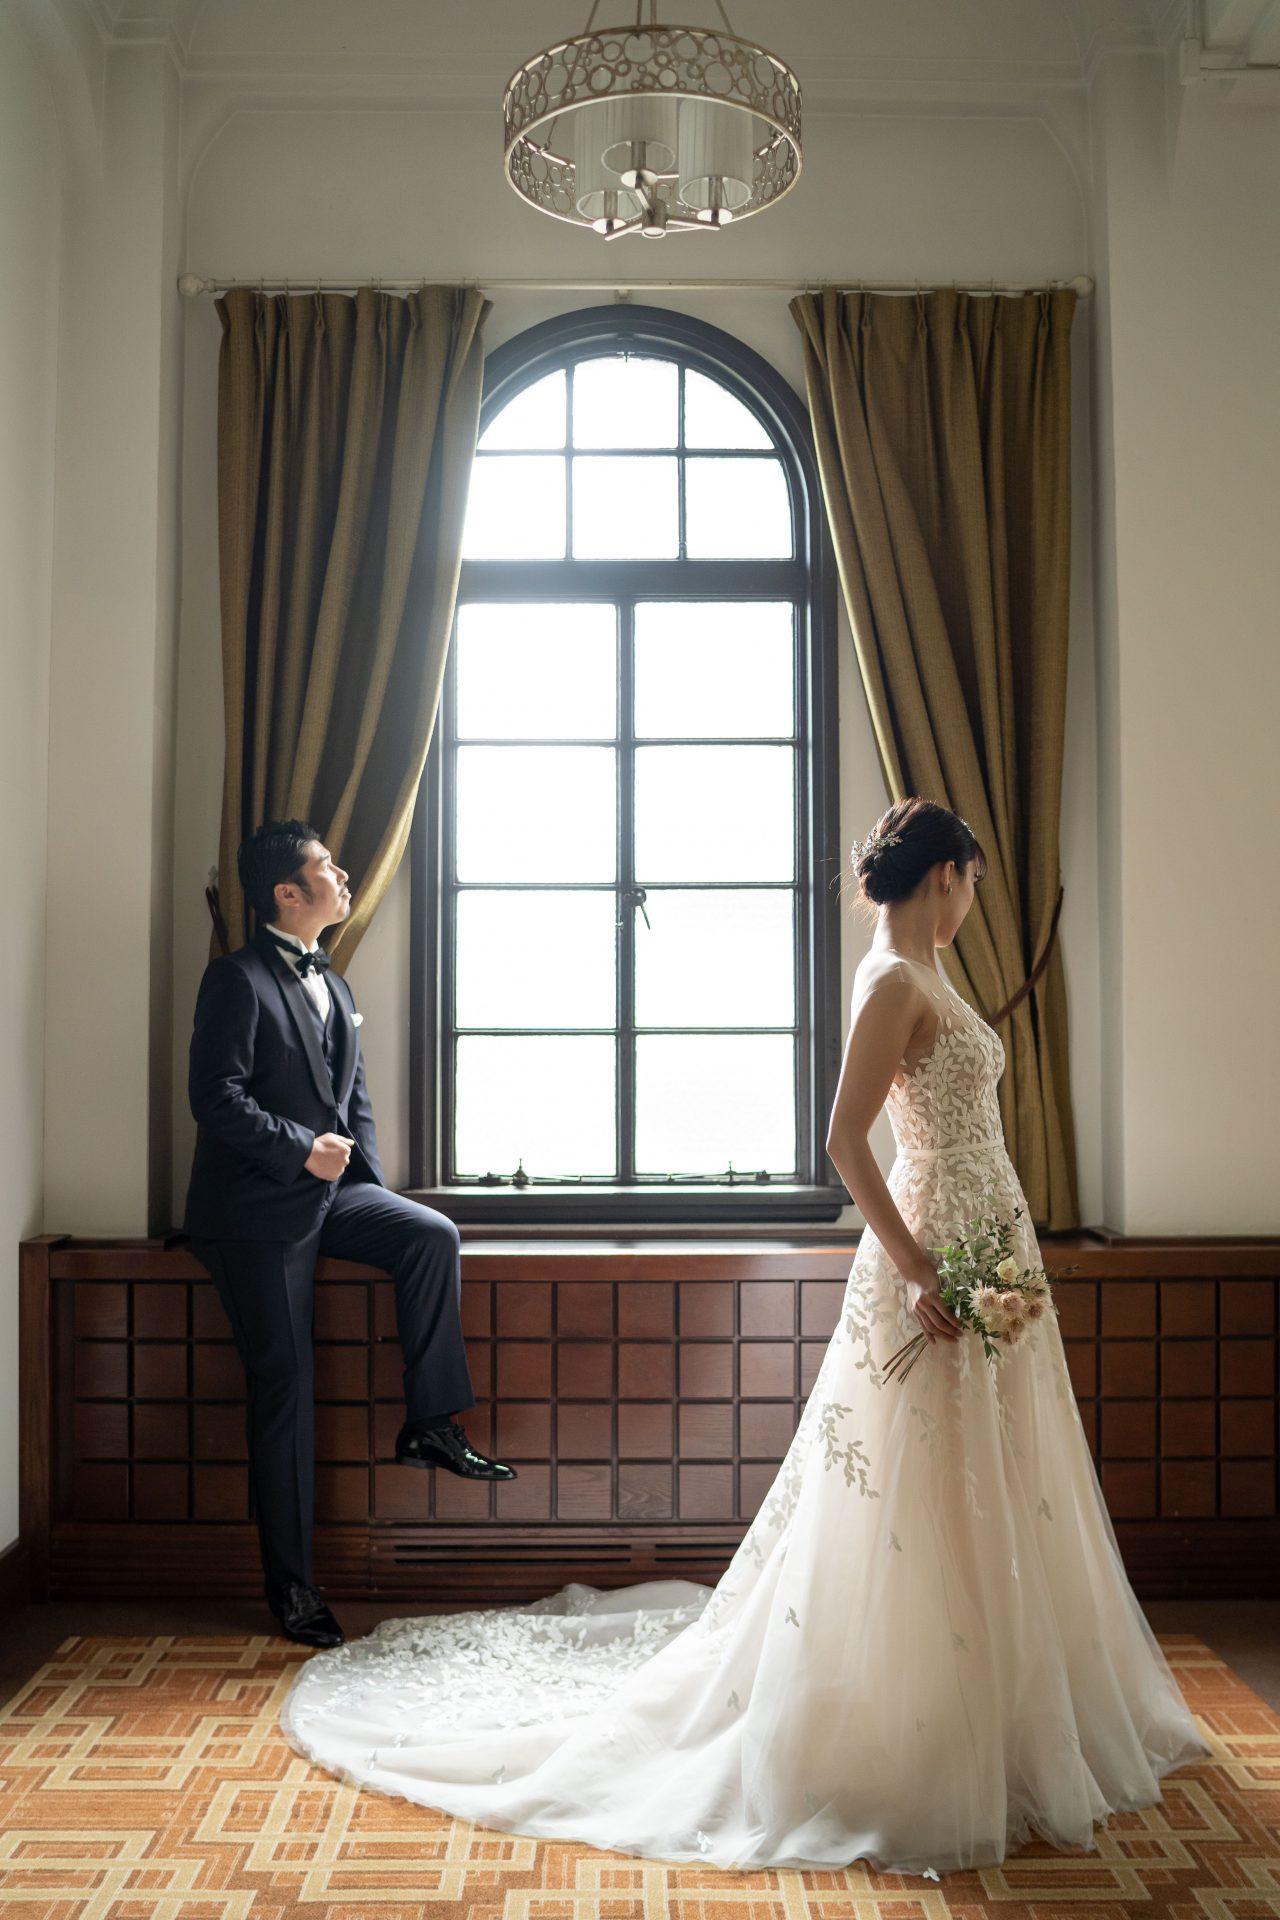 リーフ型の刺繍が贅沢にあしらわれたフォーチュンガーデン京都店おすすめのウエディングドレスとネイビーのタキシードのコーディネートで仕上げた新郎新婦様